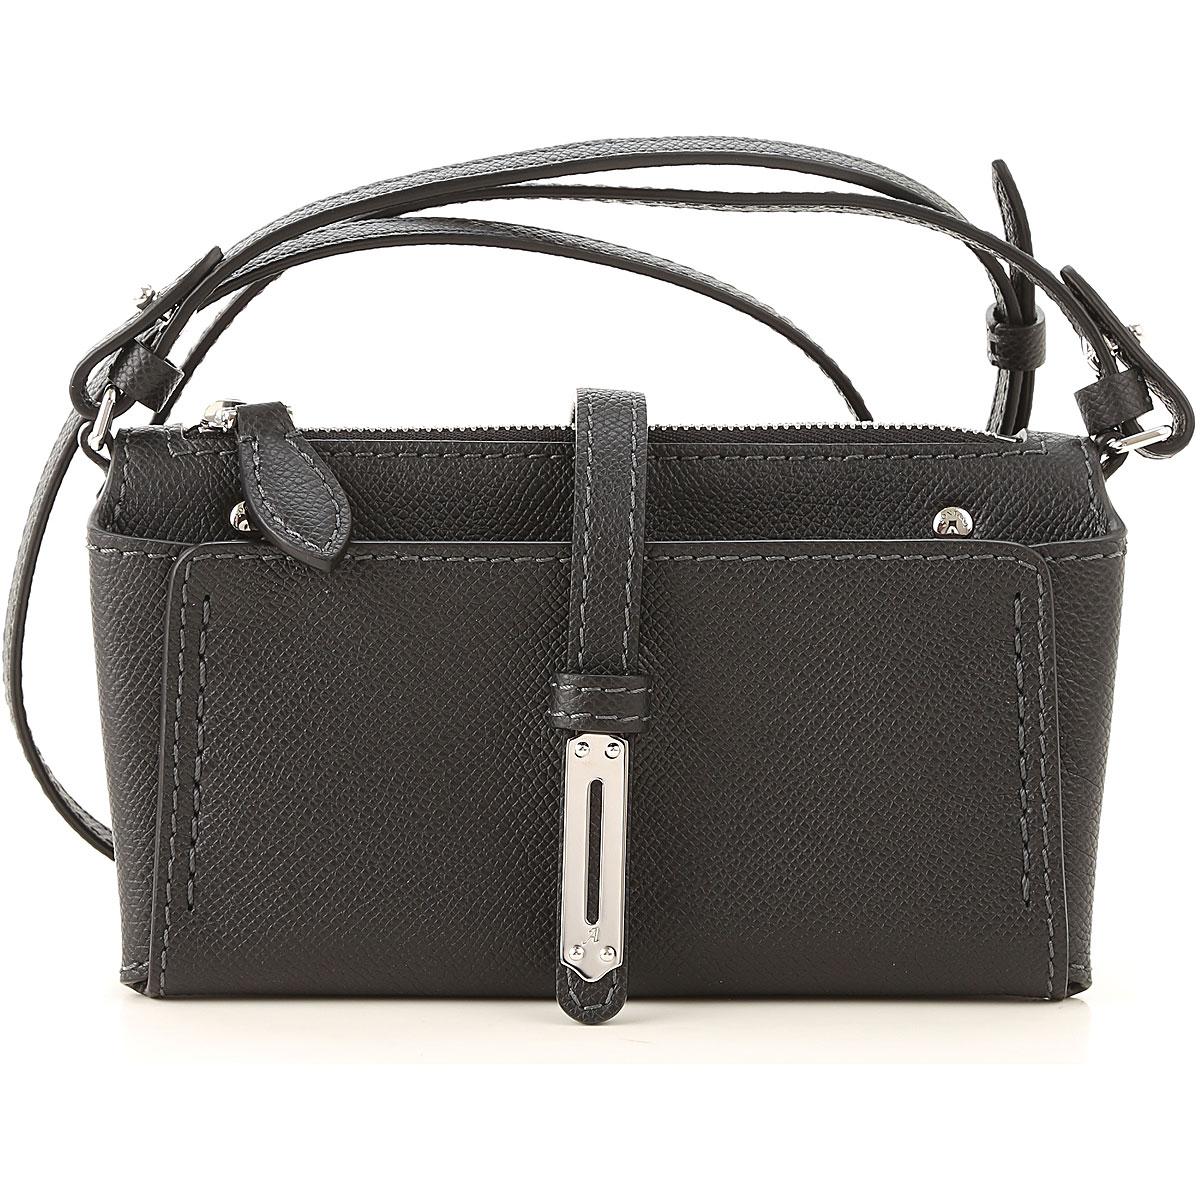 Fontana Shoulder Bag for Women On Sale in Outlet, Black, Crackle Leather, 2019